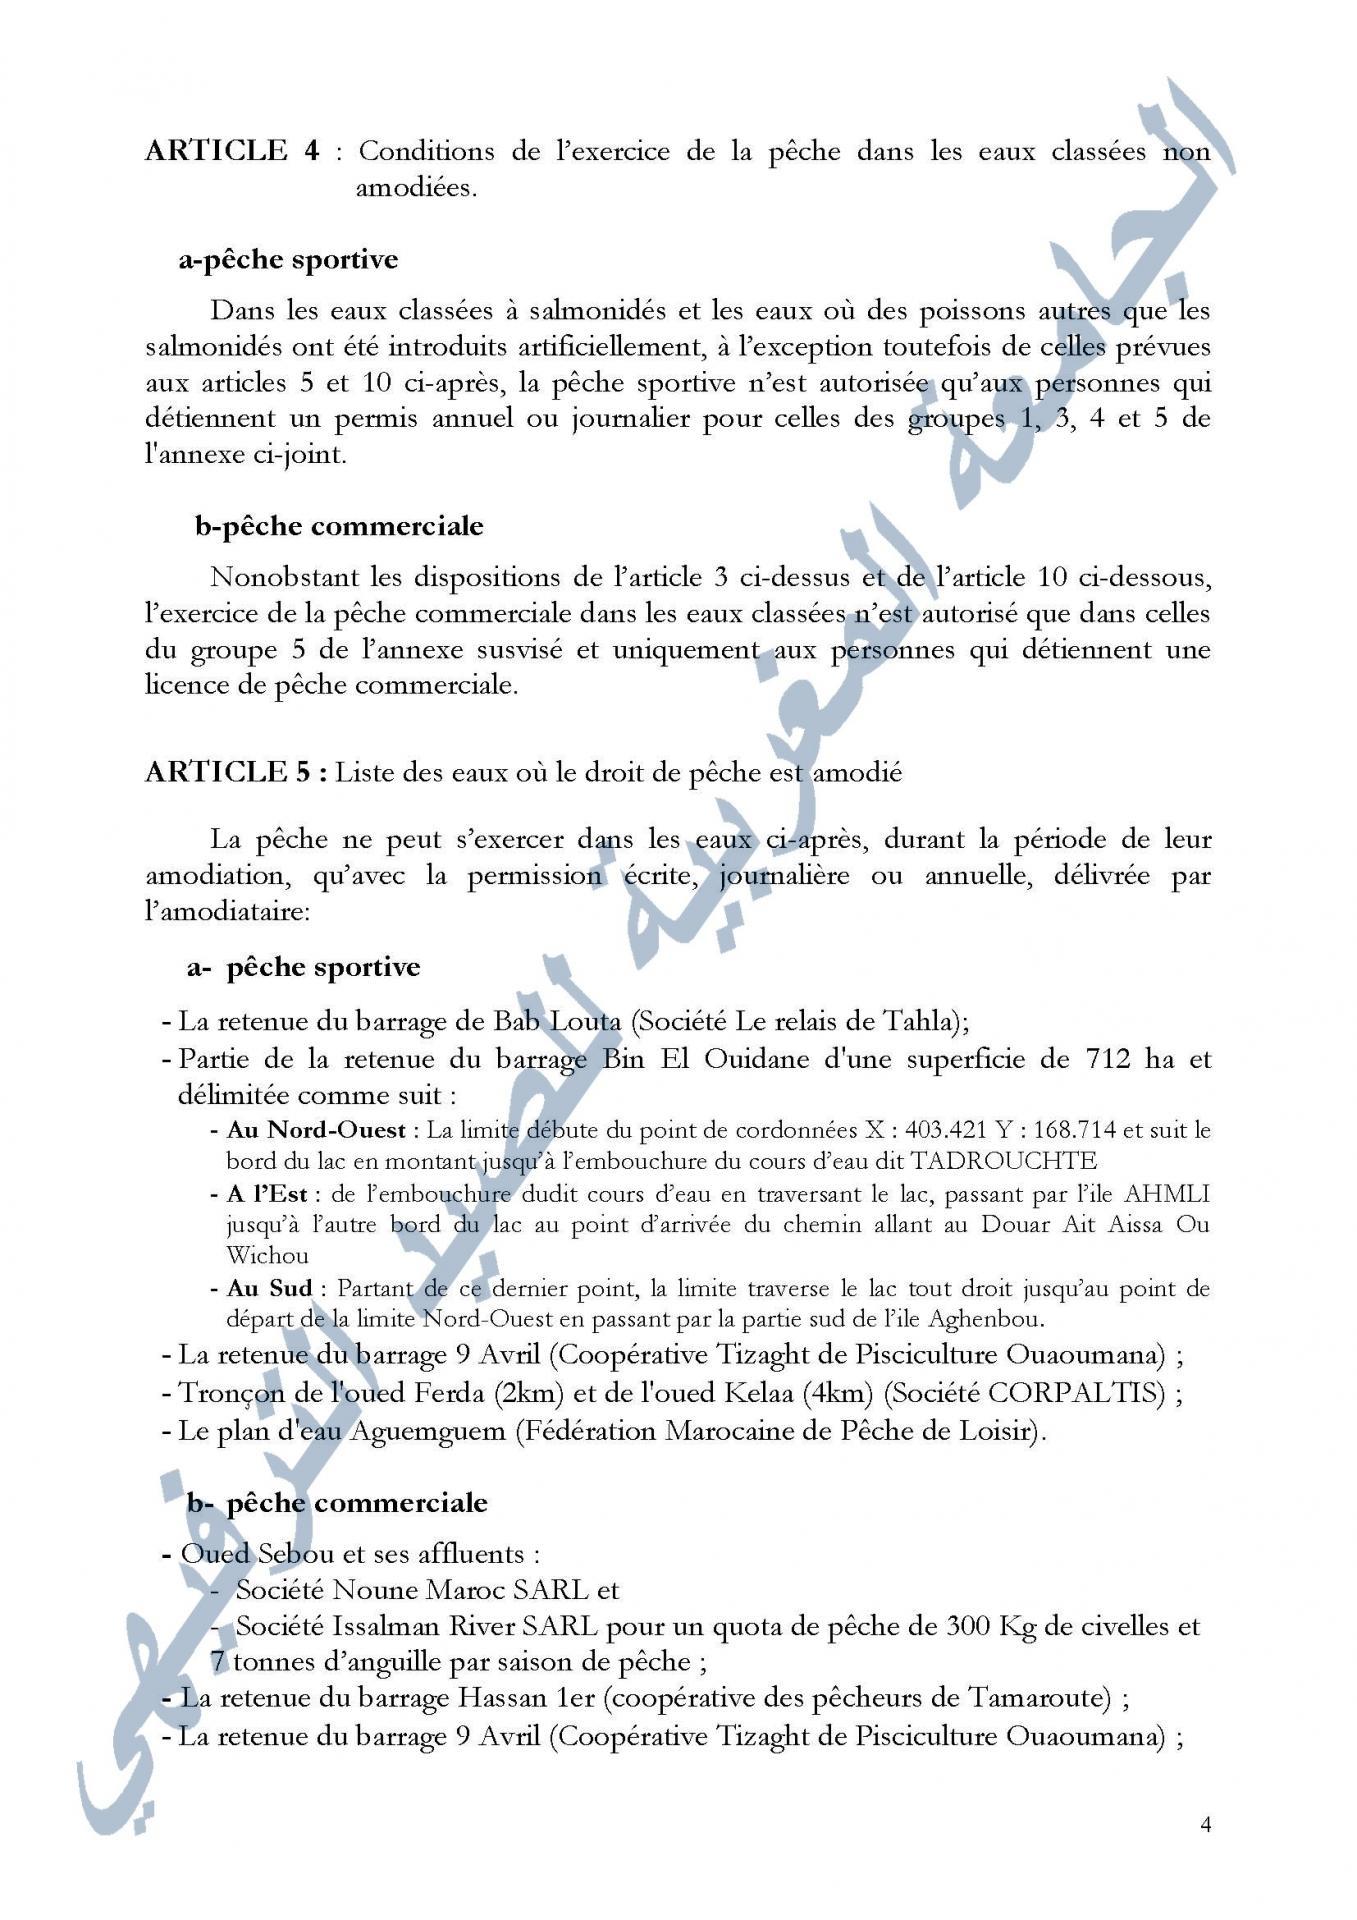 Arrete 17 18 page 4